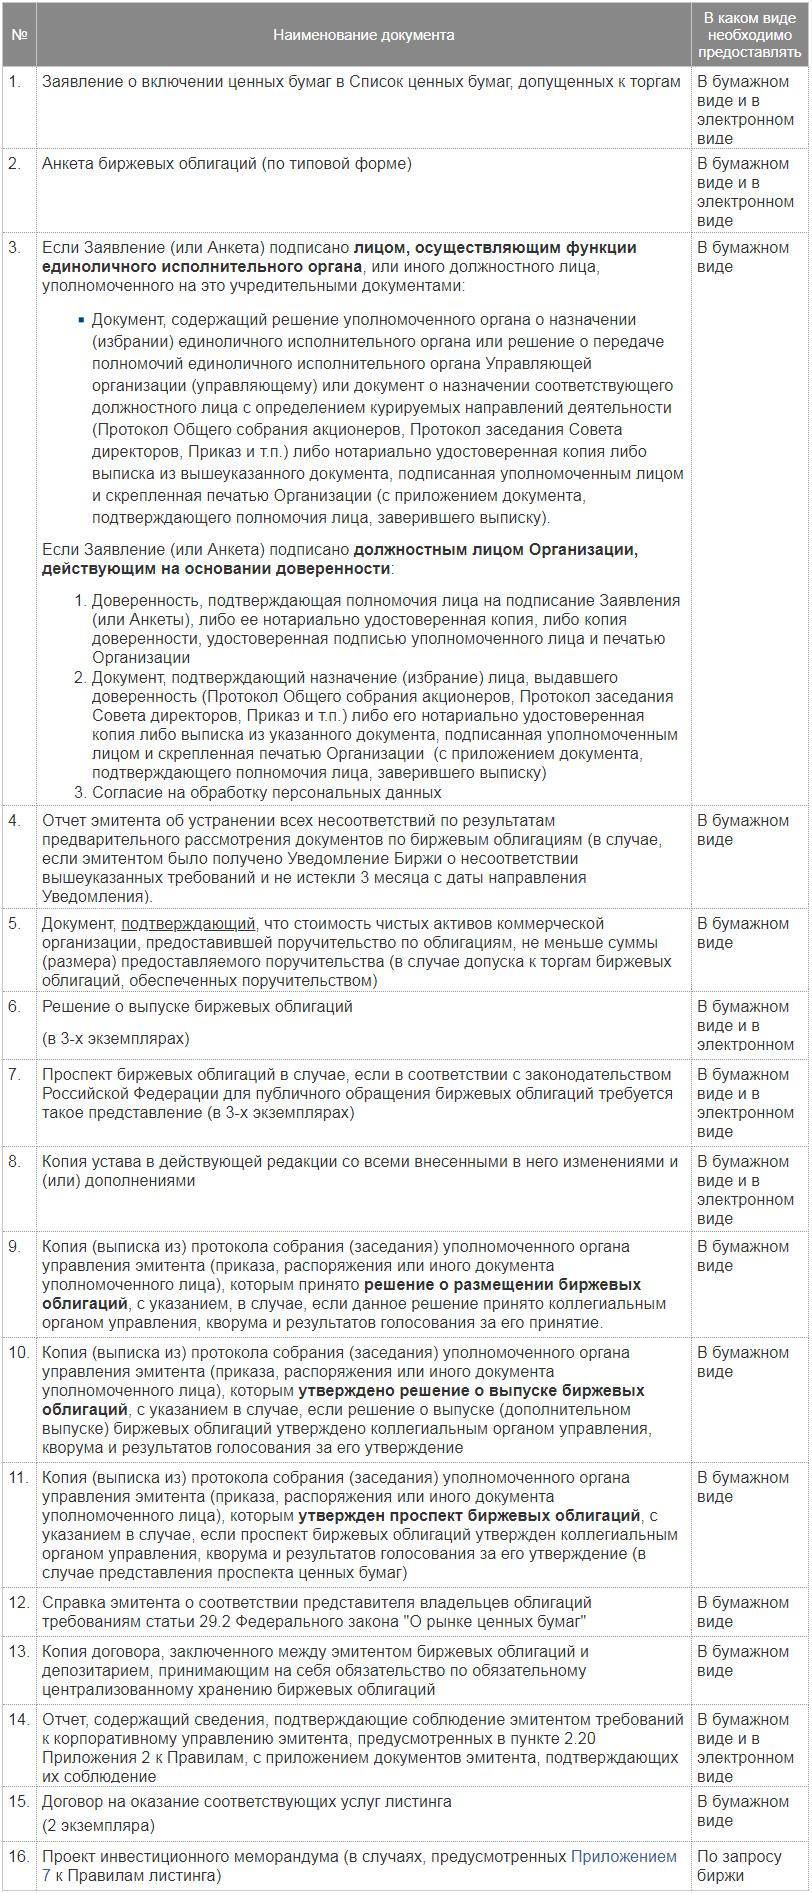 Список документов для подачи заявки на выпуск биржевых облигаций